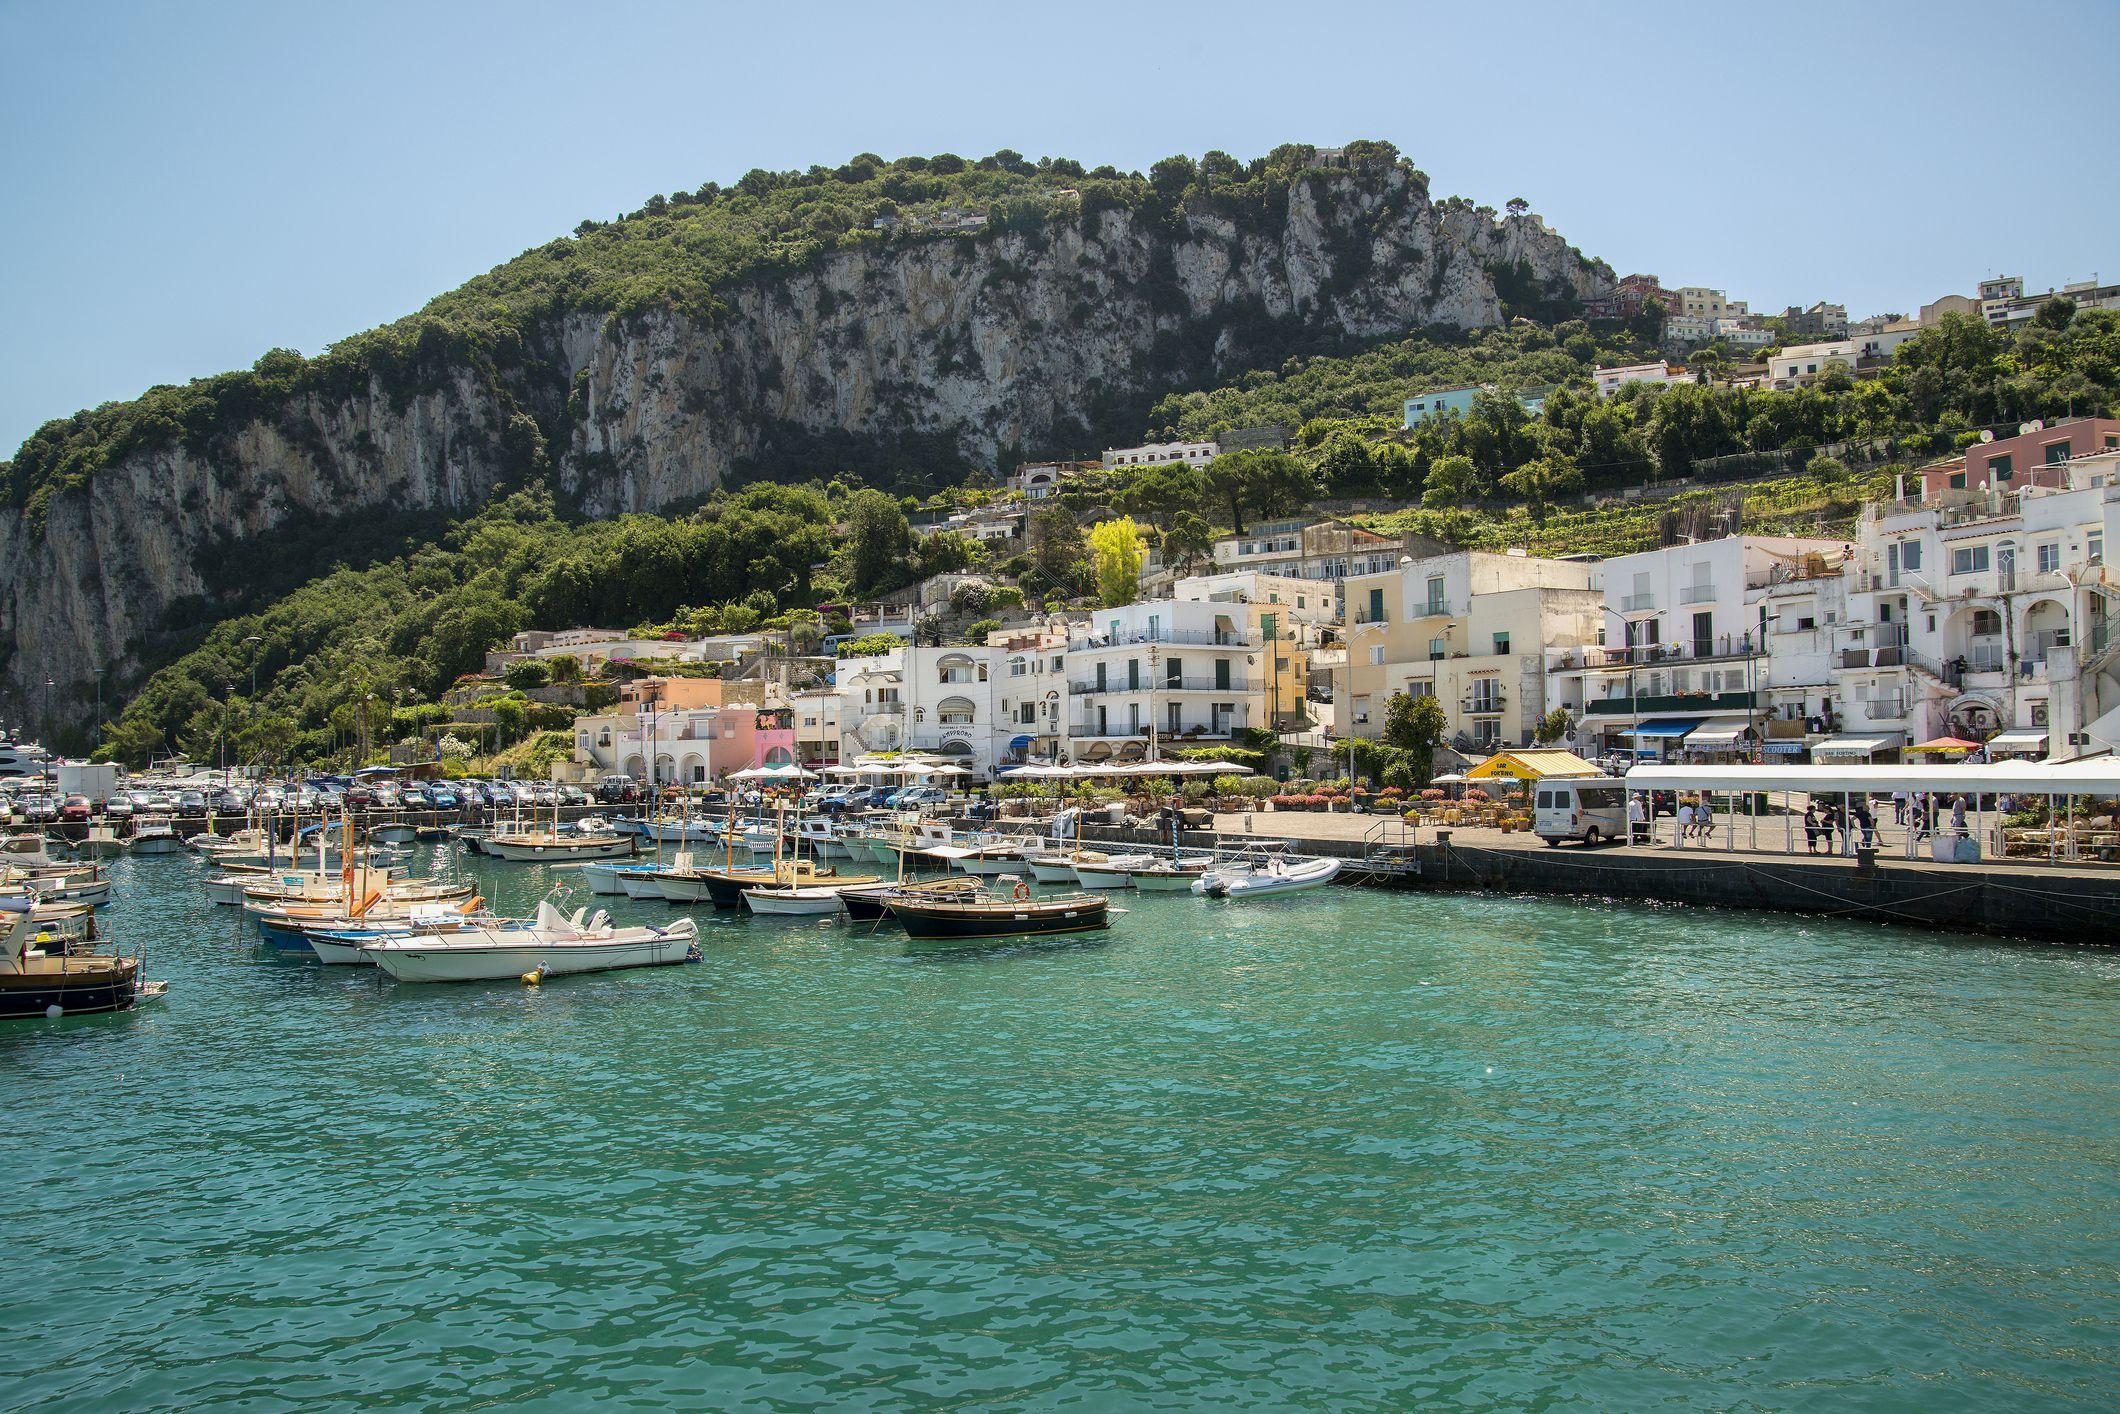 Where to Go from Italy's Amalfi Coast